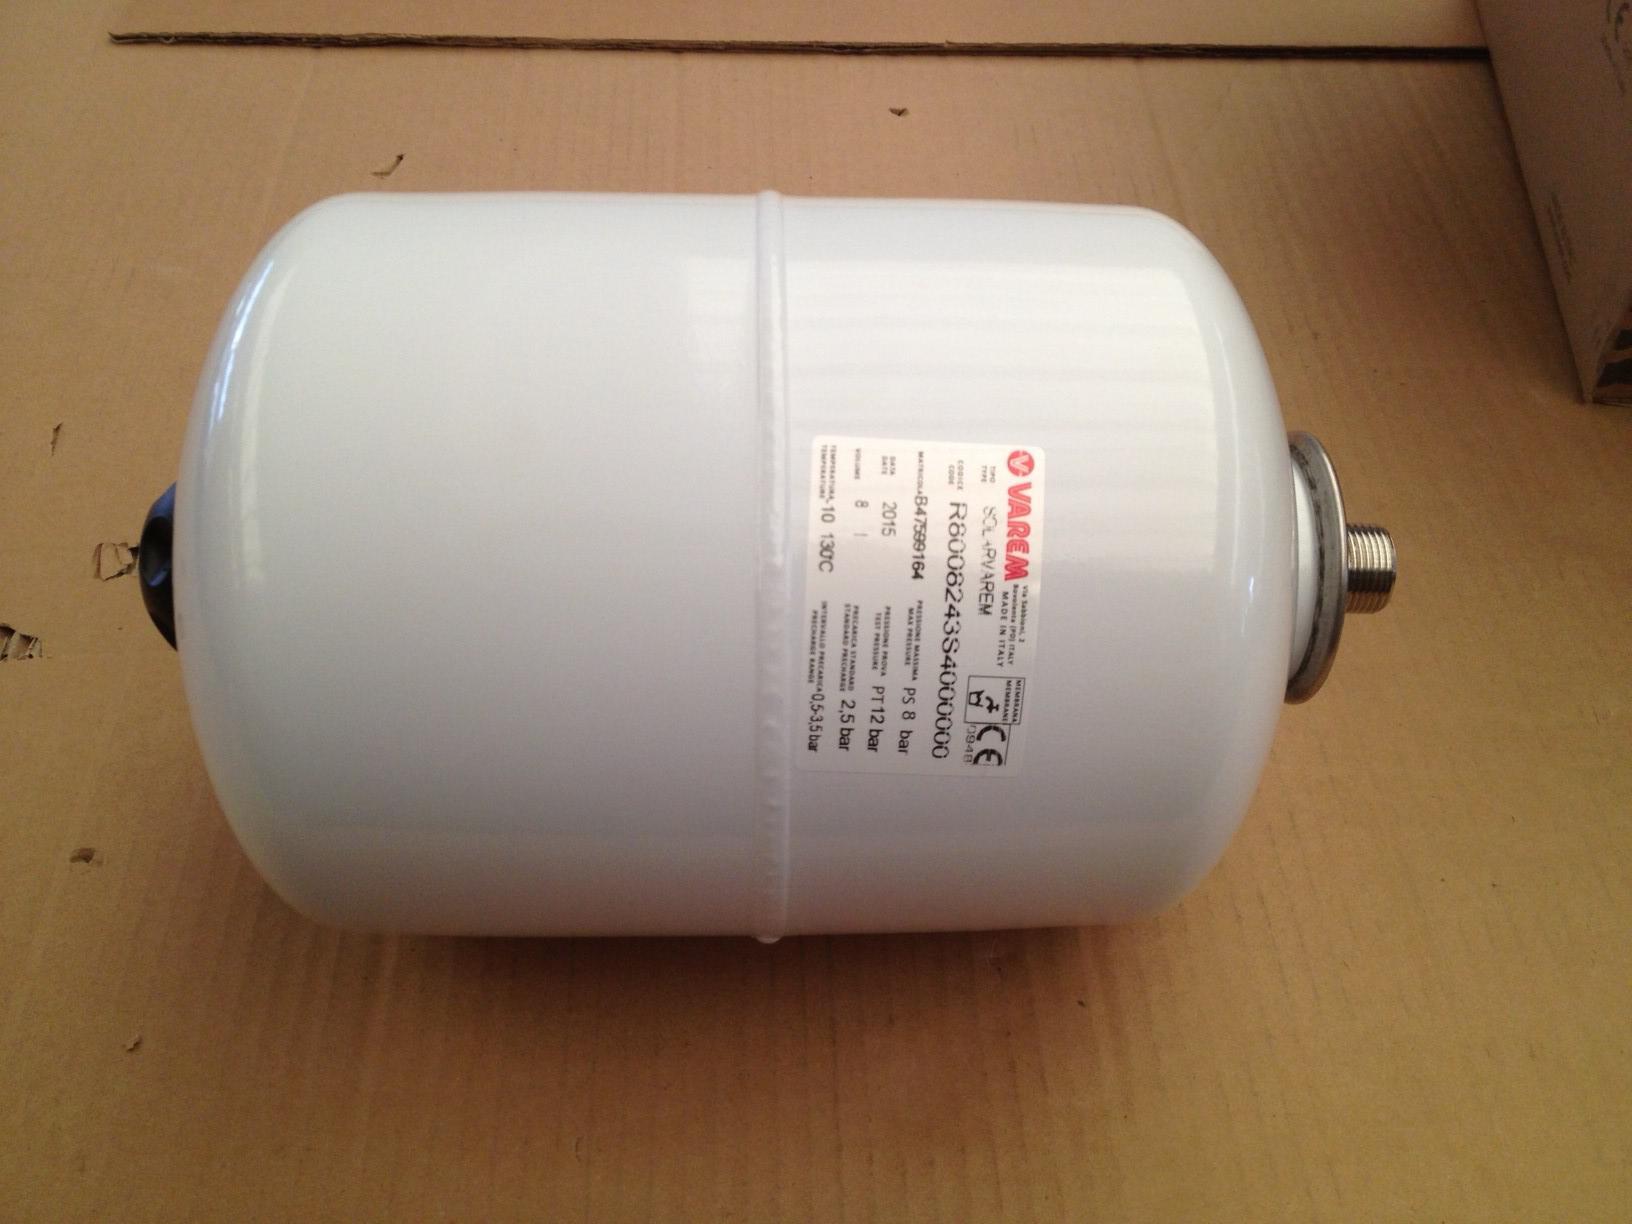 Pannello Solare A Vaso Aperto : Vaso di espansione solare litri pannello impianto